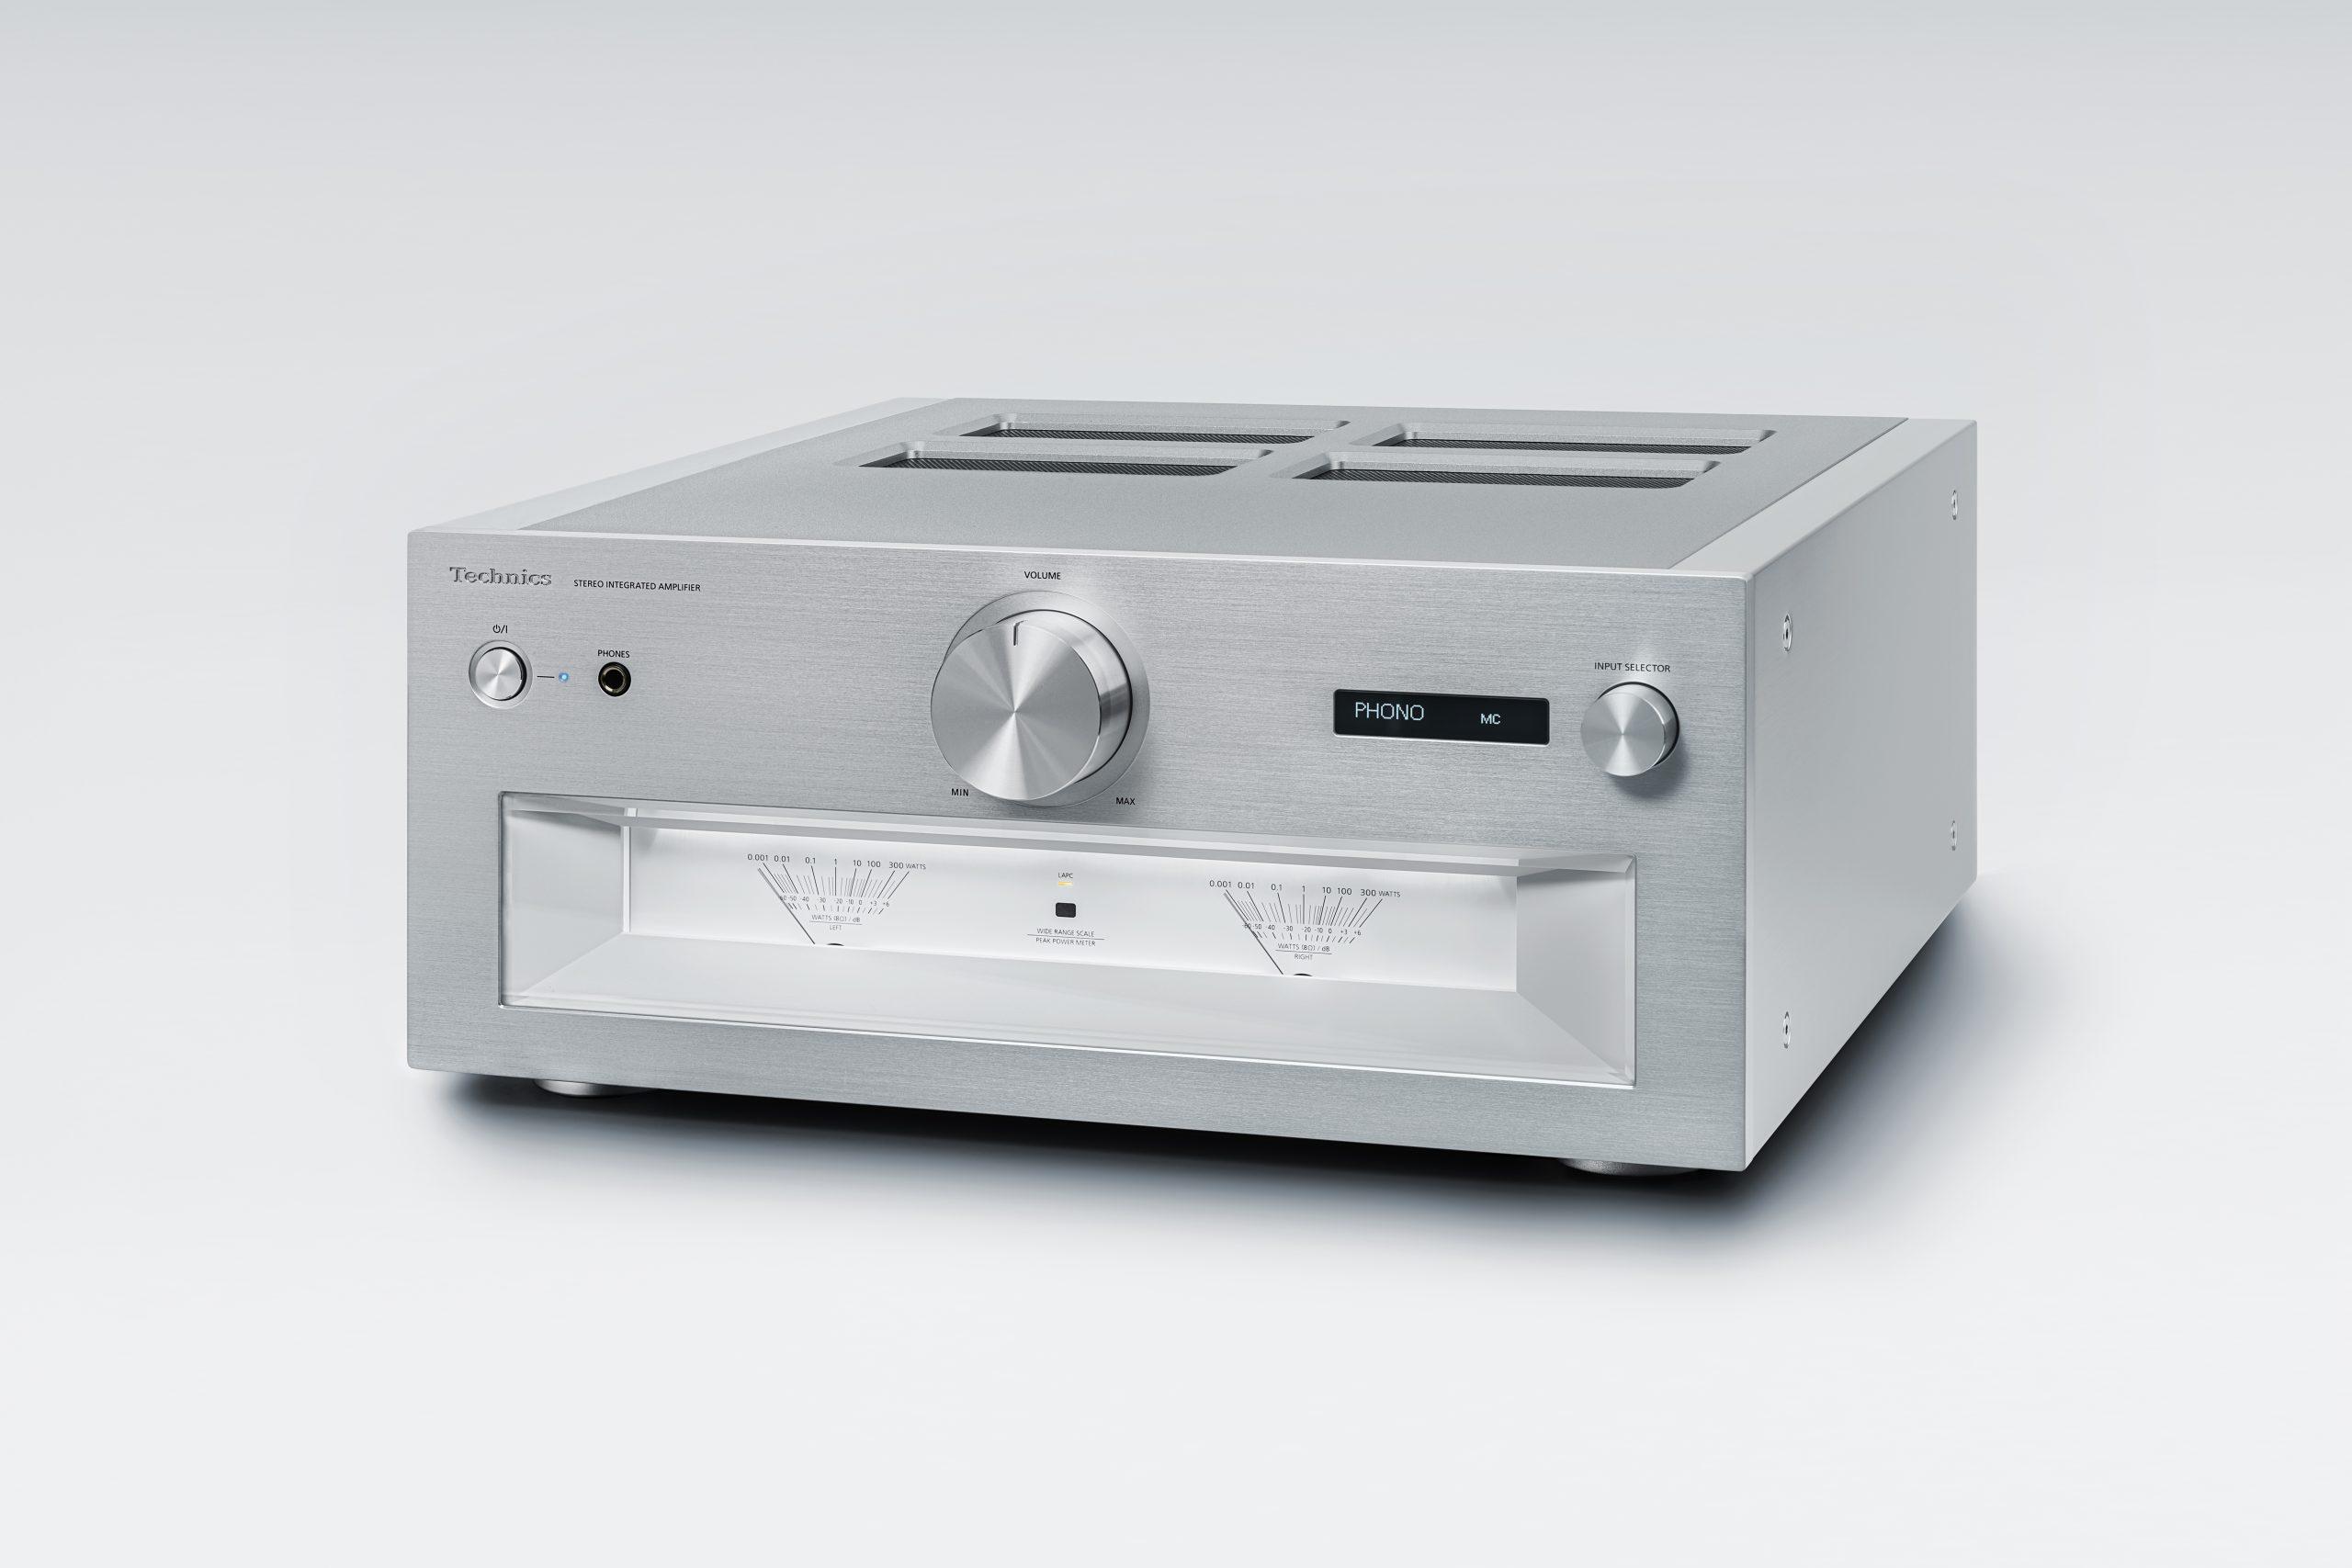 Mit dem SU-R1000 Integrated Amplifier stellt Technics den ersten Vollverstärker seiner Referenzklasse vor, der nicht nur voll digital umgesetzt wurde sondern auch einige Innovationen mit auf den Weg bekam.